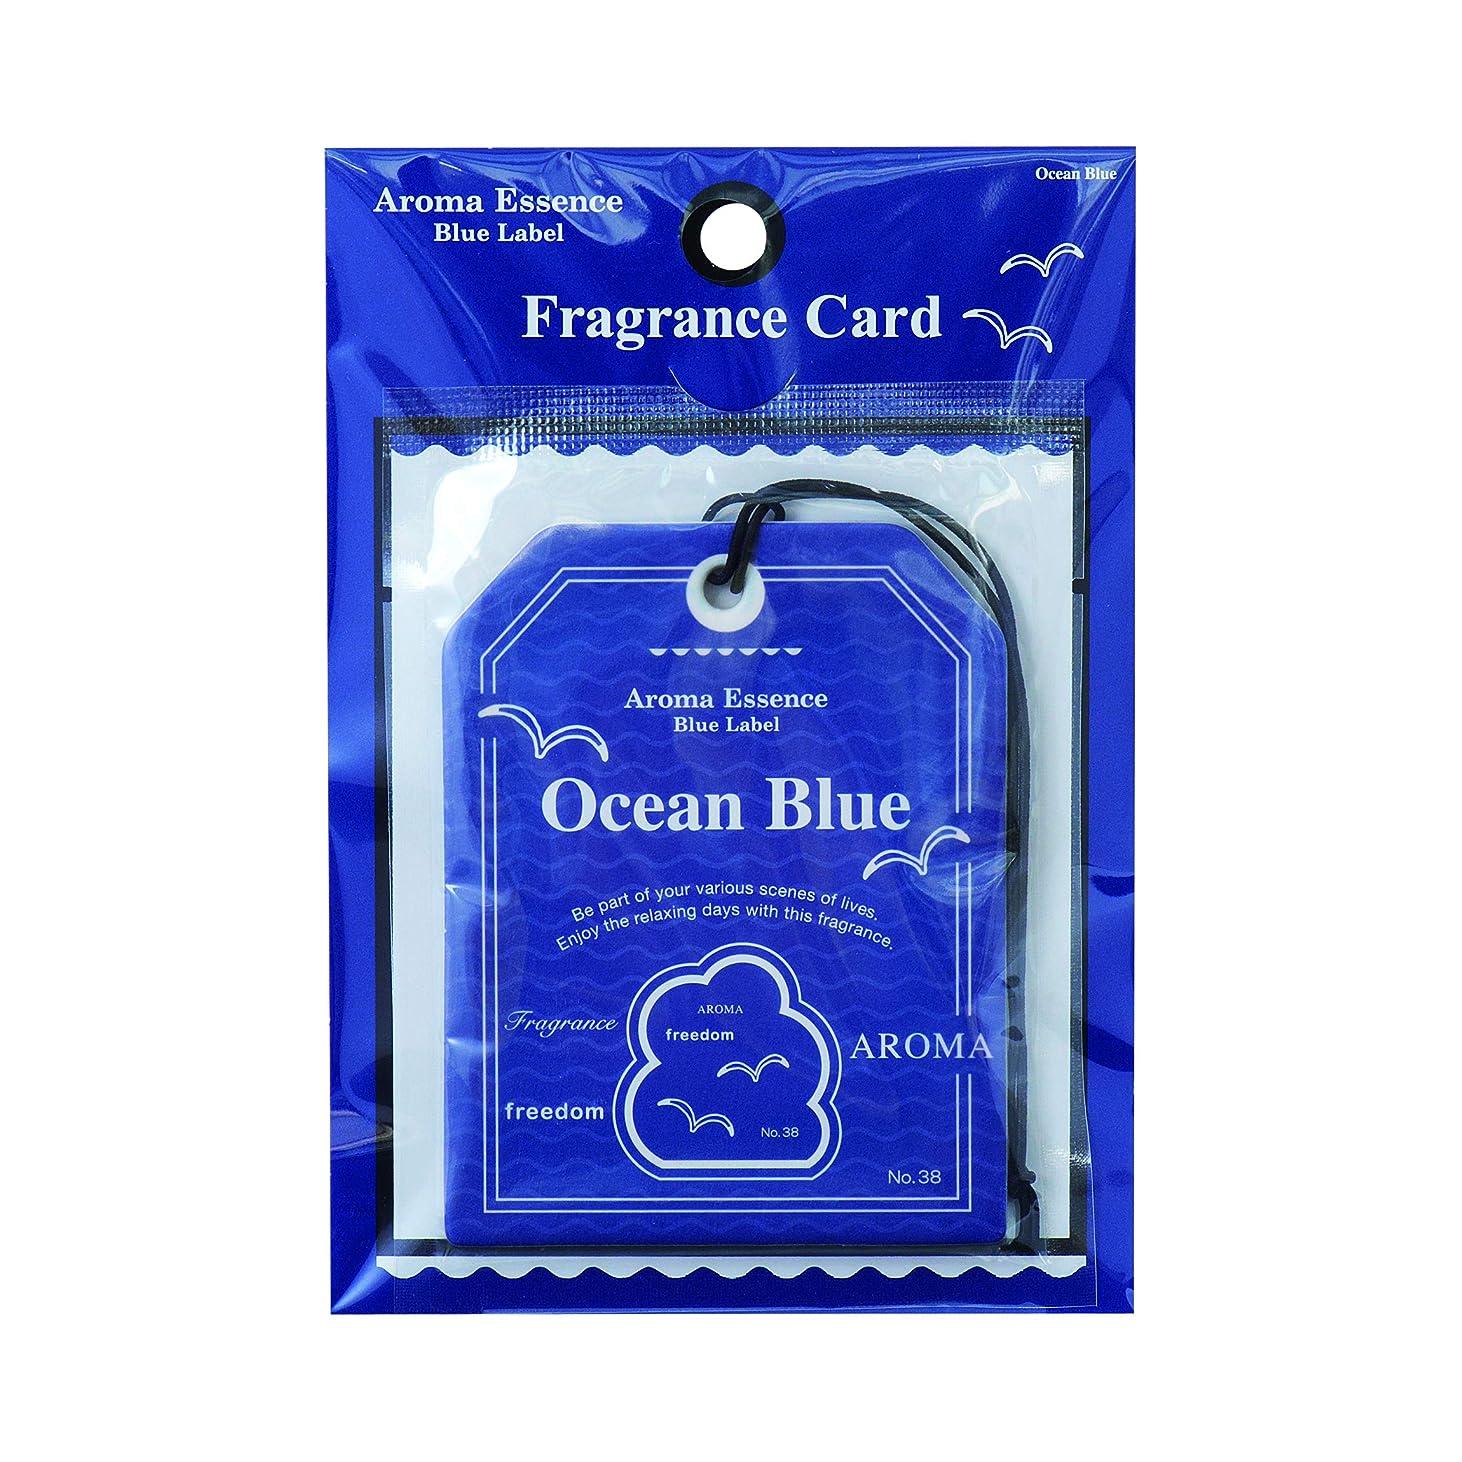 黙信者シミュレートするブルーラベル フレグランスカード オーシャンブルー(エアフレッシュナー 芳香剤 海の爽快さを思い出させる香り)